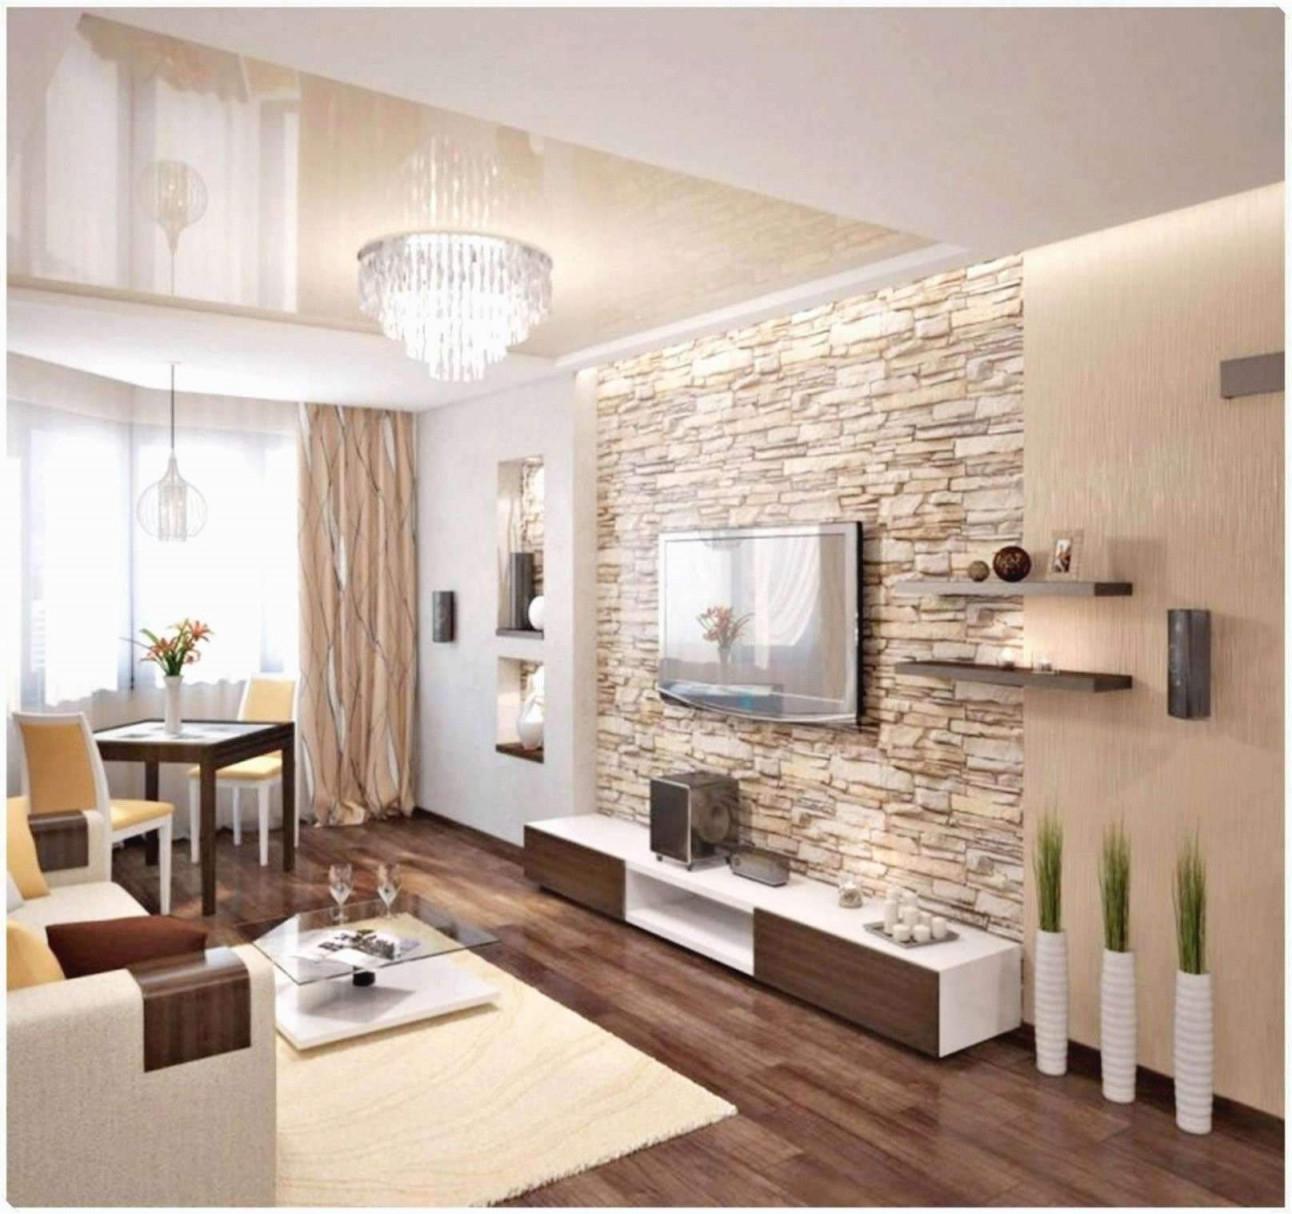 29 Luxus Wohnzimmer Einrichten Ideen Genial  Wohnzimmer Frisch von Wohnzimmer Farblich Gestalten Bild